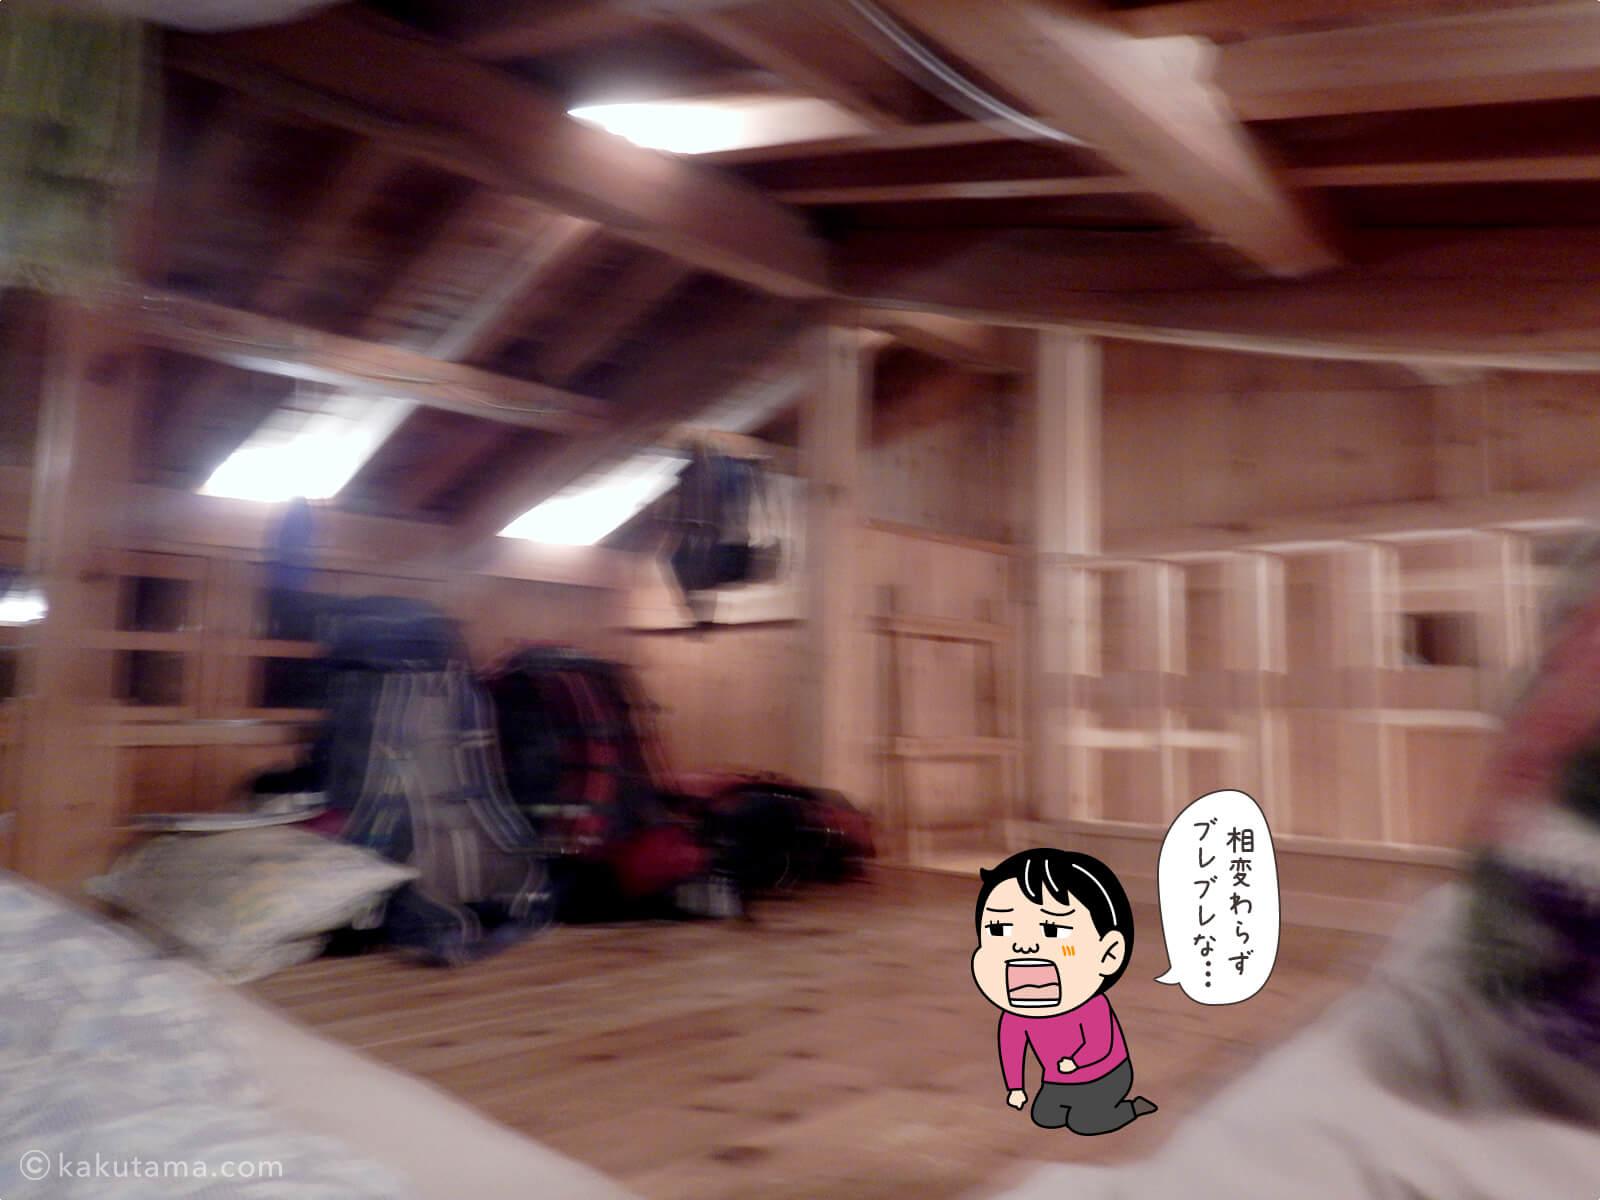 水晶小屋内部